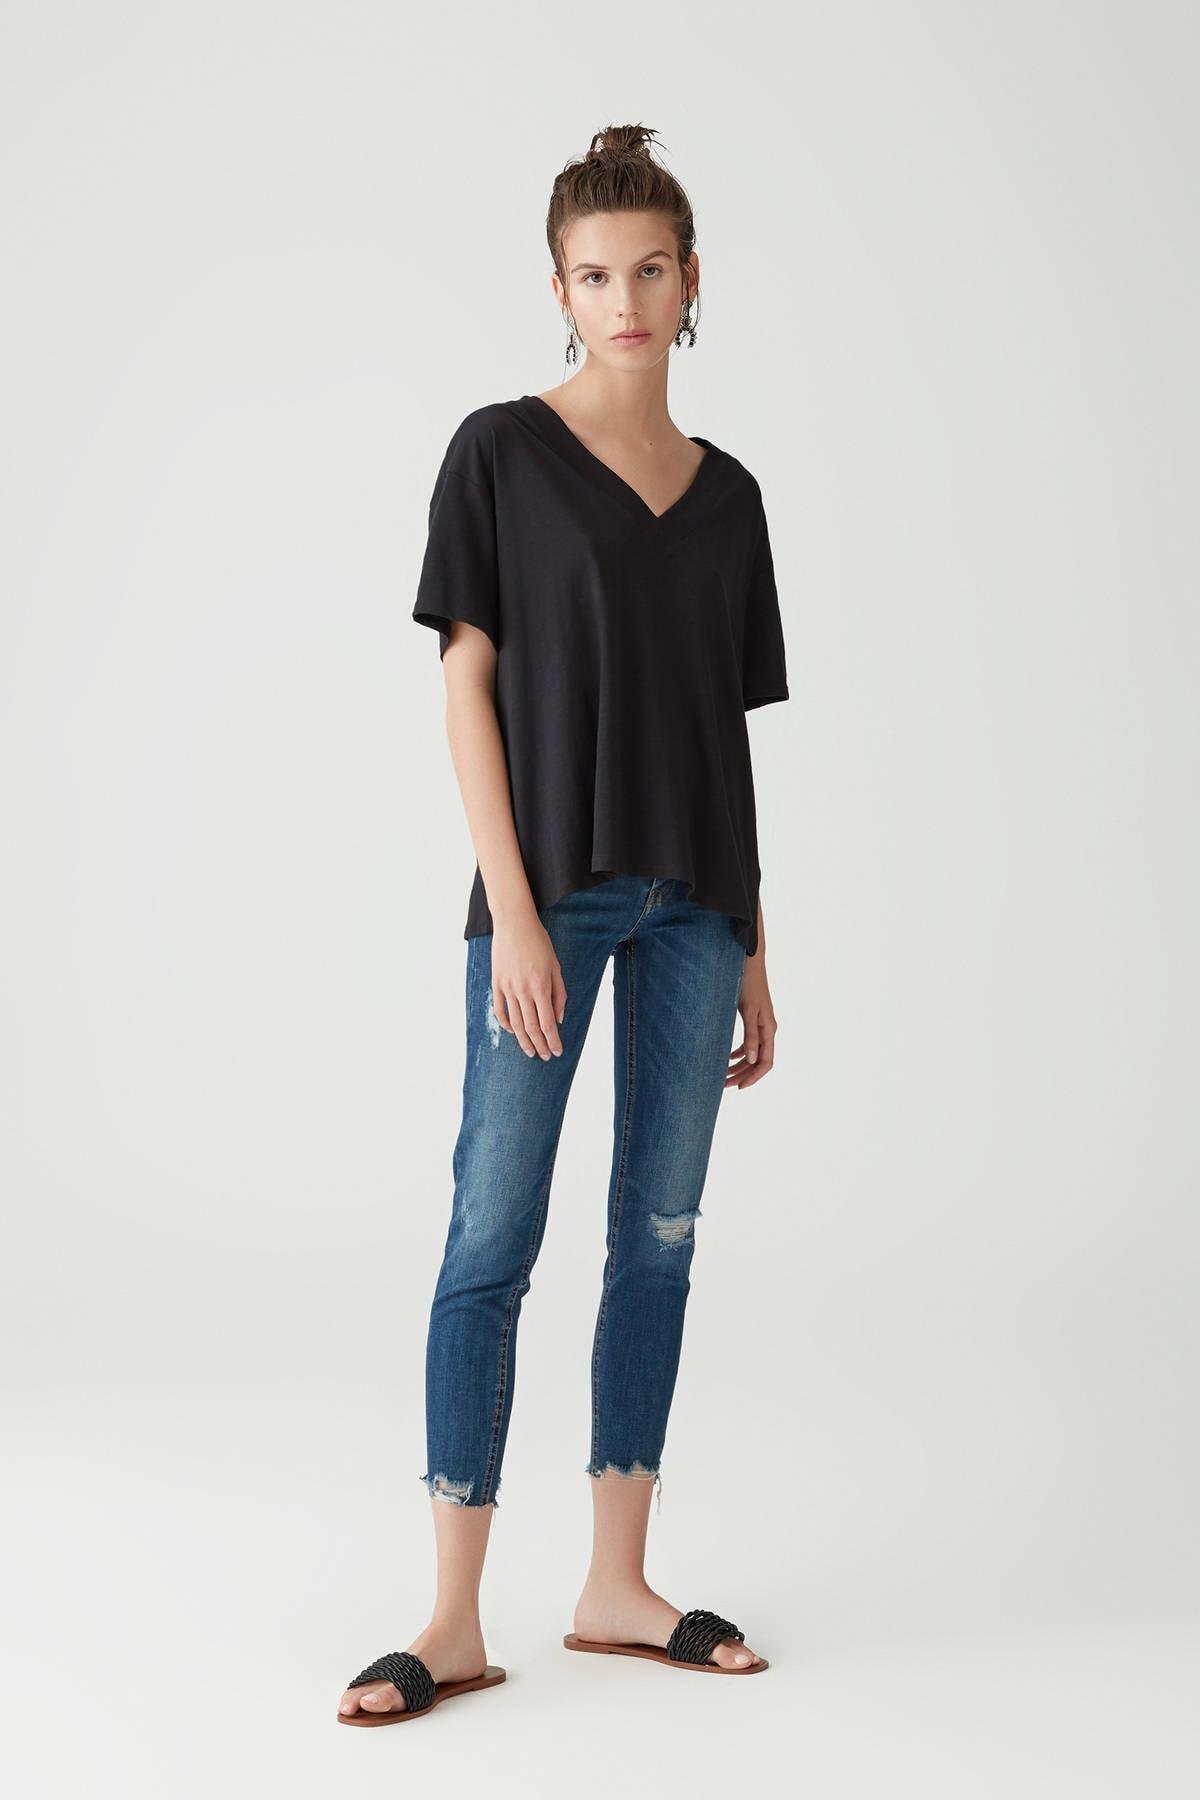 Pull & Bear Kadın Siyah Basic Oversize Düğümlü Örgü T-Shirt 05236324 2